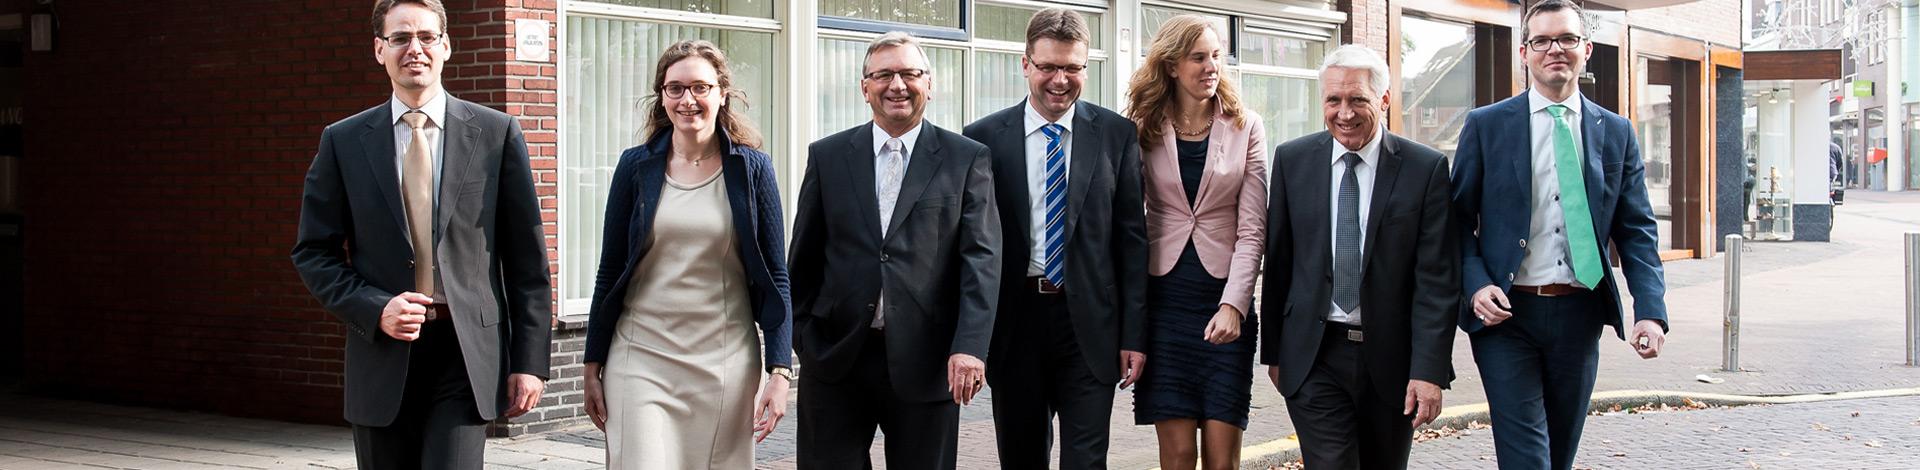 Welkom bij Steunenberg administratieconsulenten & belastingadviseurs te Rijssen